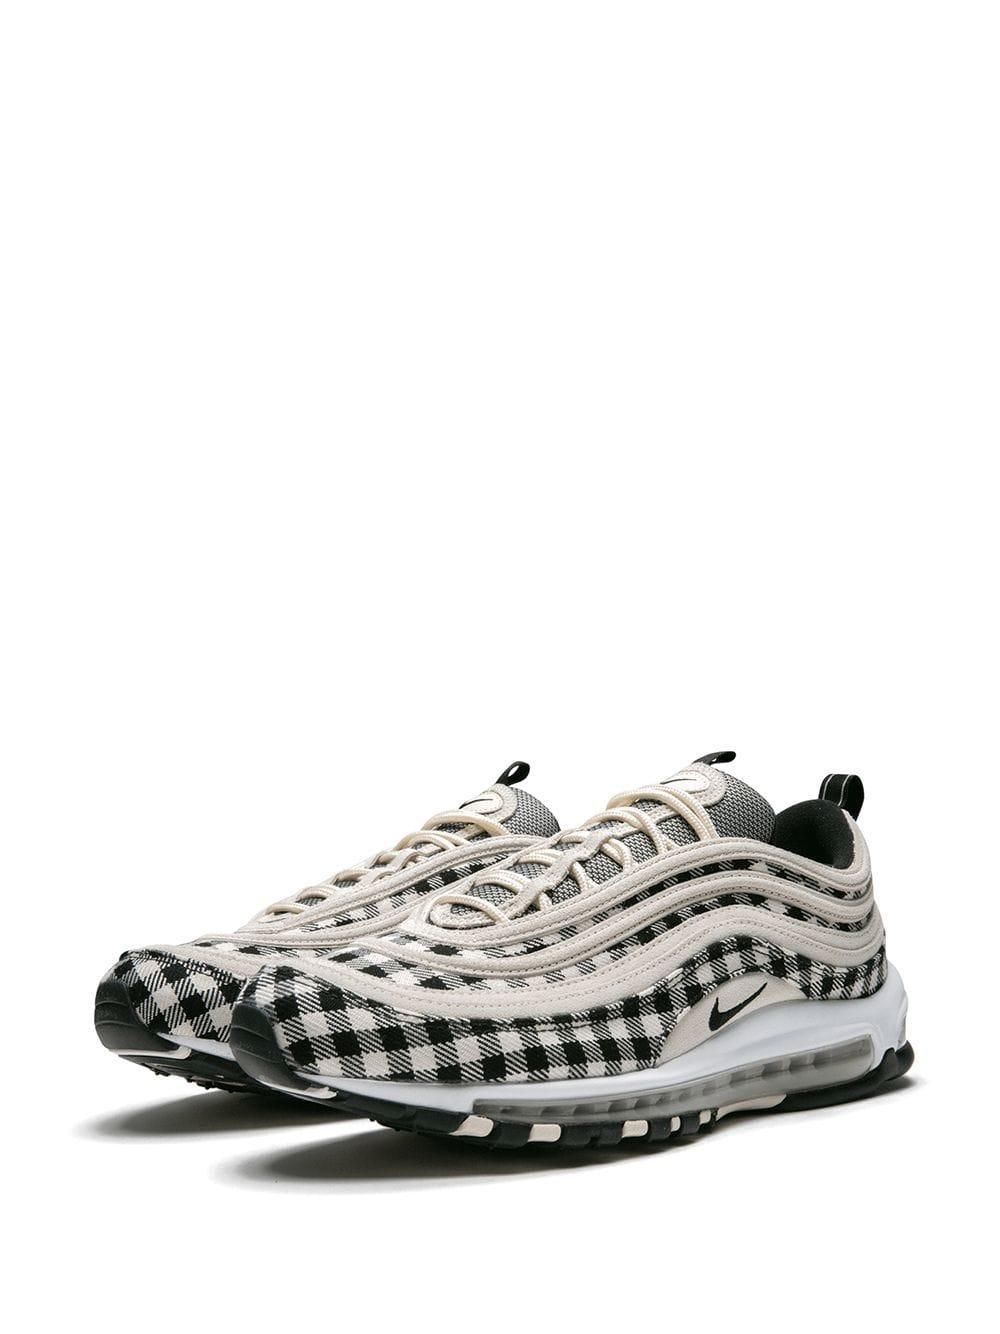 Nike - White Air Max 97 Premium Sneakers for Men - Lyst. View fullscreen 678bed773